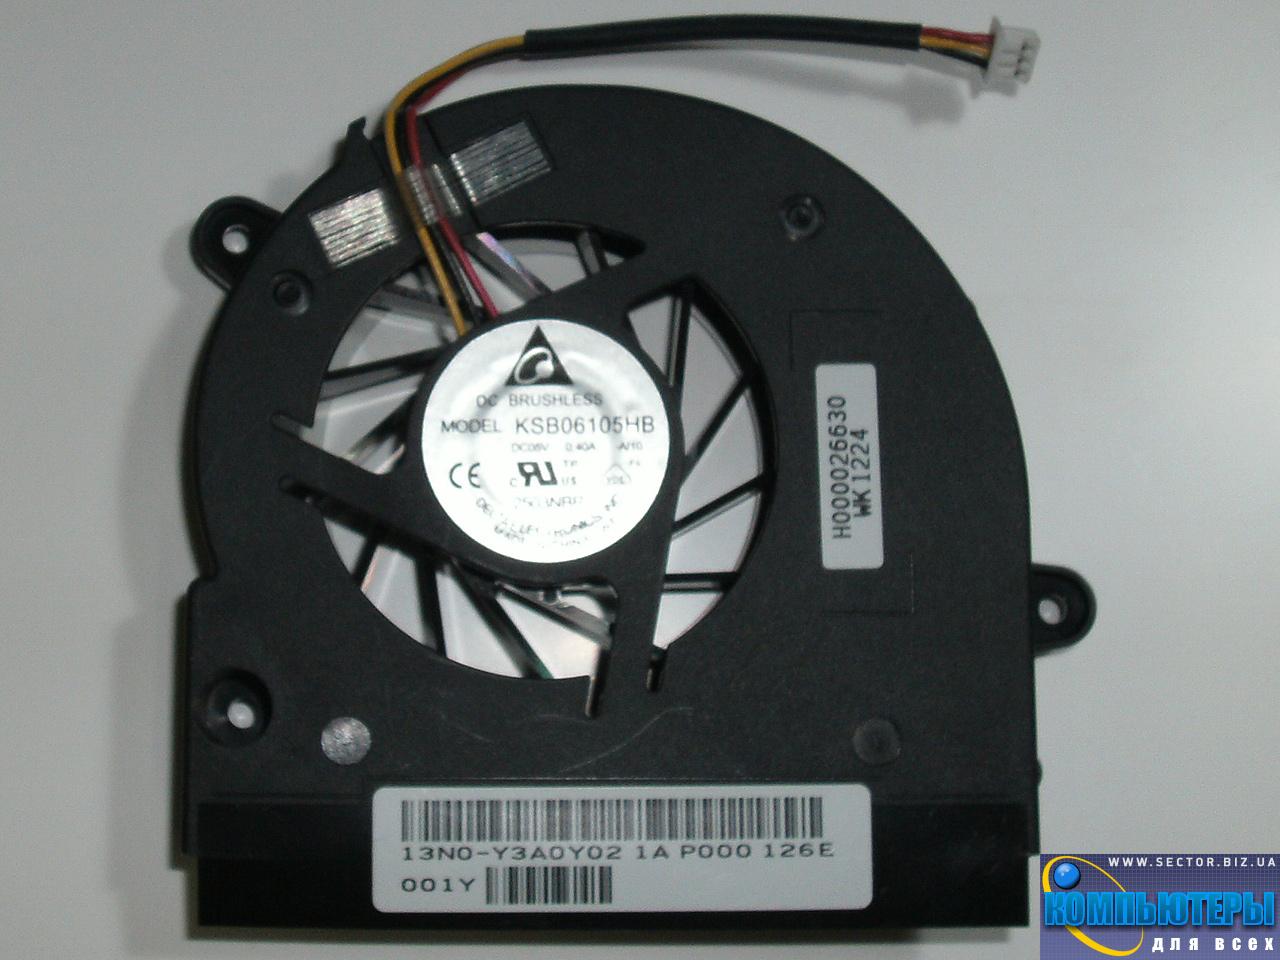 Кулер к ноутбуку Toshiba C675 L770 L770D L775 L775D p/n: KSB06105HB-AI10. Фото № 1.